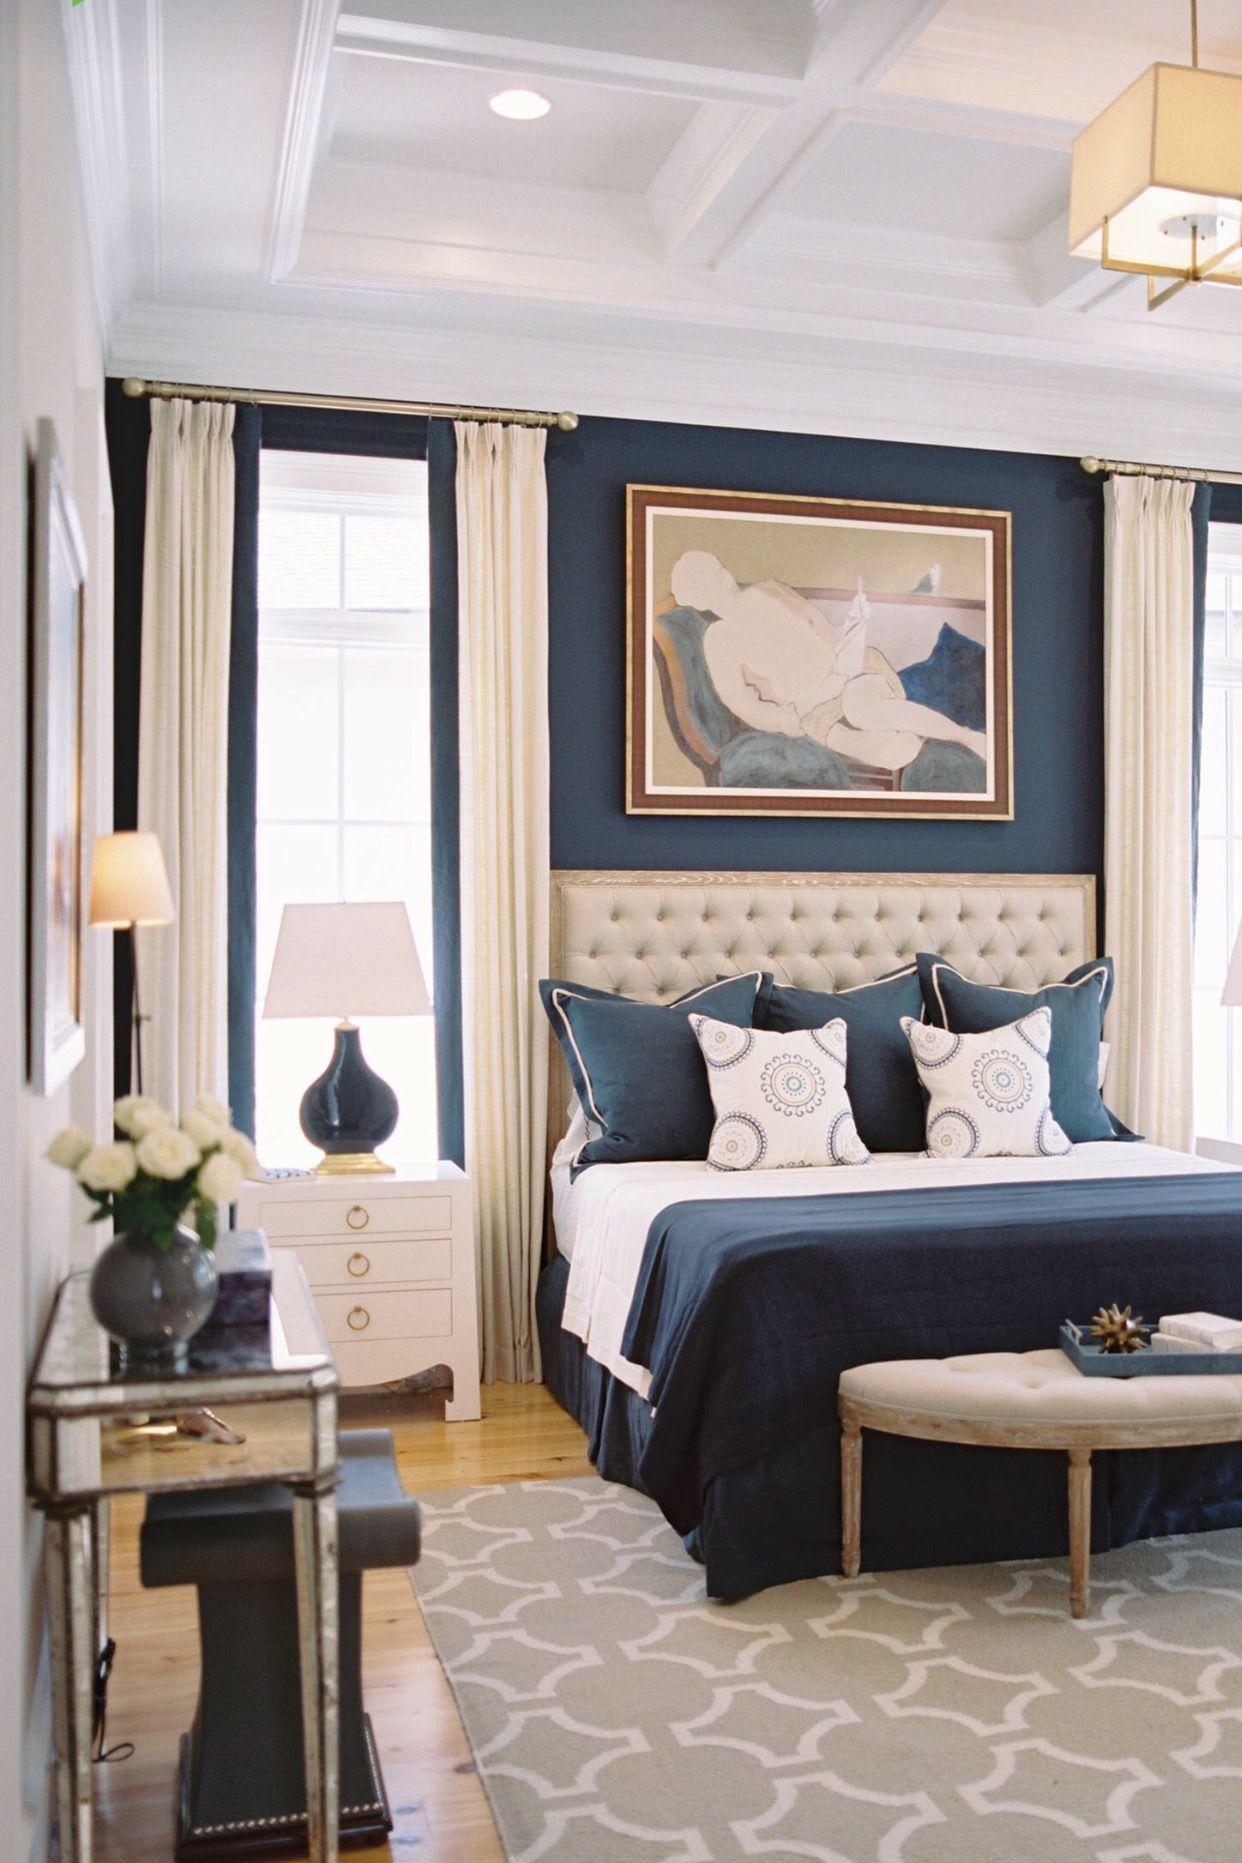 Pin by Aisha Watson on Decor Small master bedroom